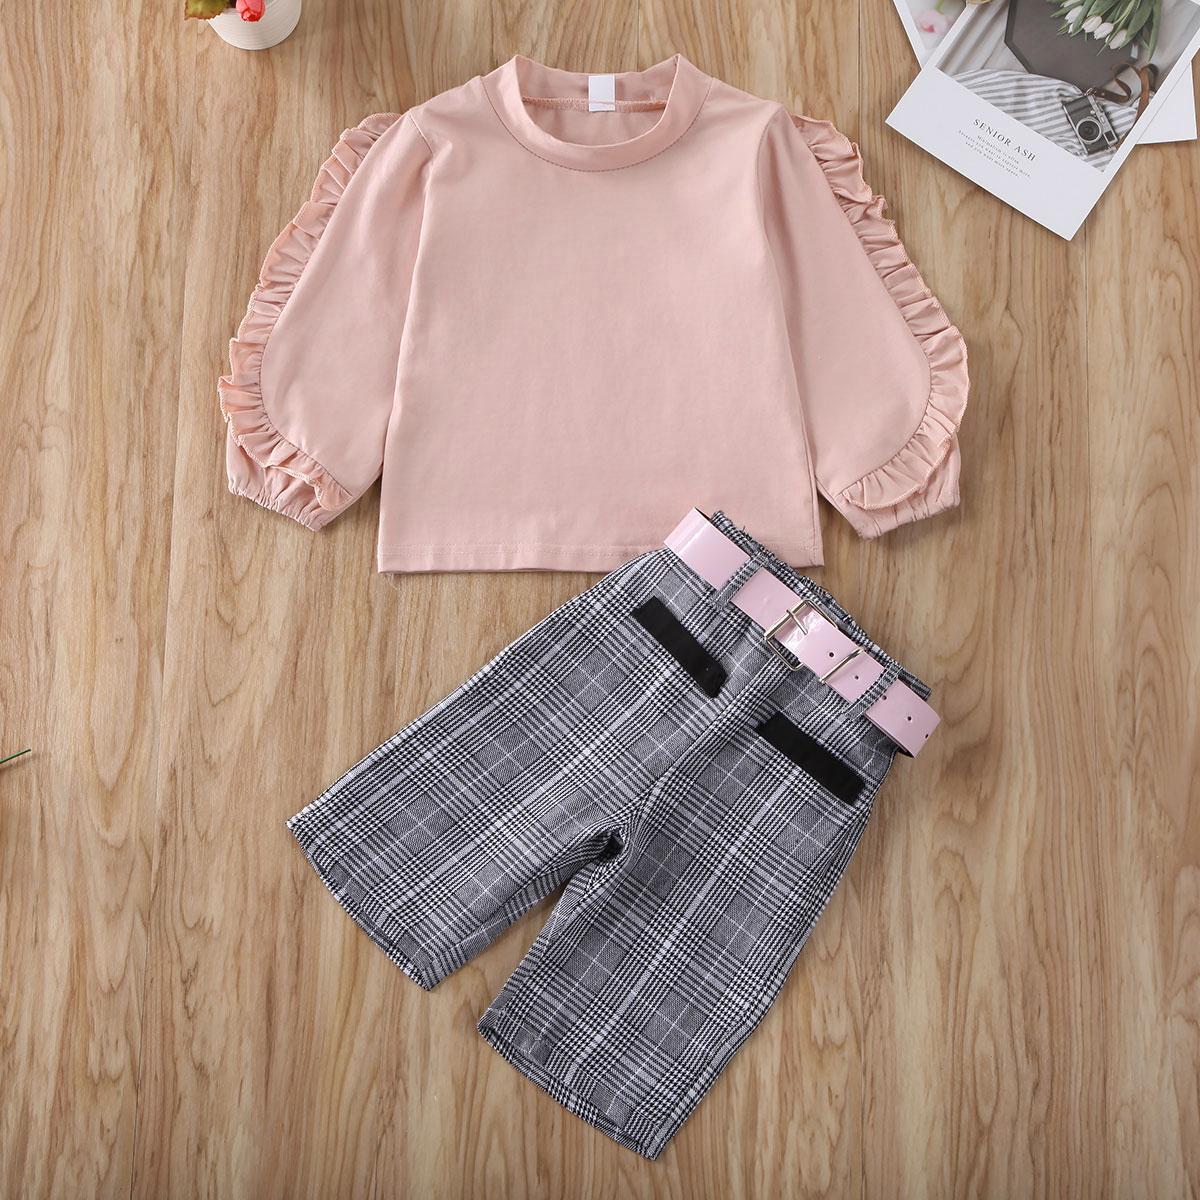 Pudcoco Criança do bebé Roupa cor sólida manga comprida Ruffle Tops Calças mantas curtas Belt 2pcs Outfit Cotton Clothes Set